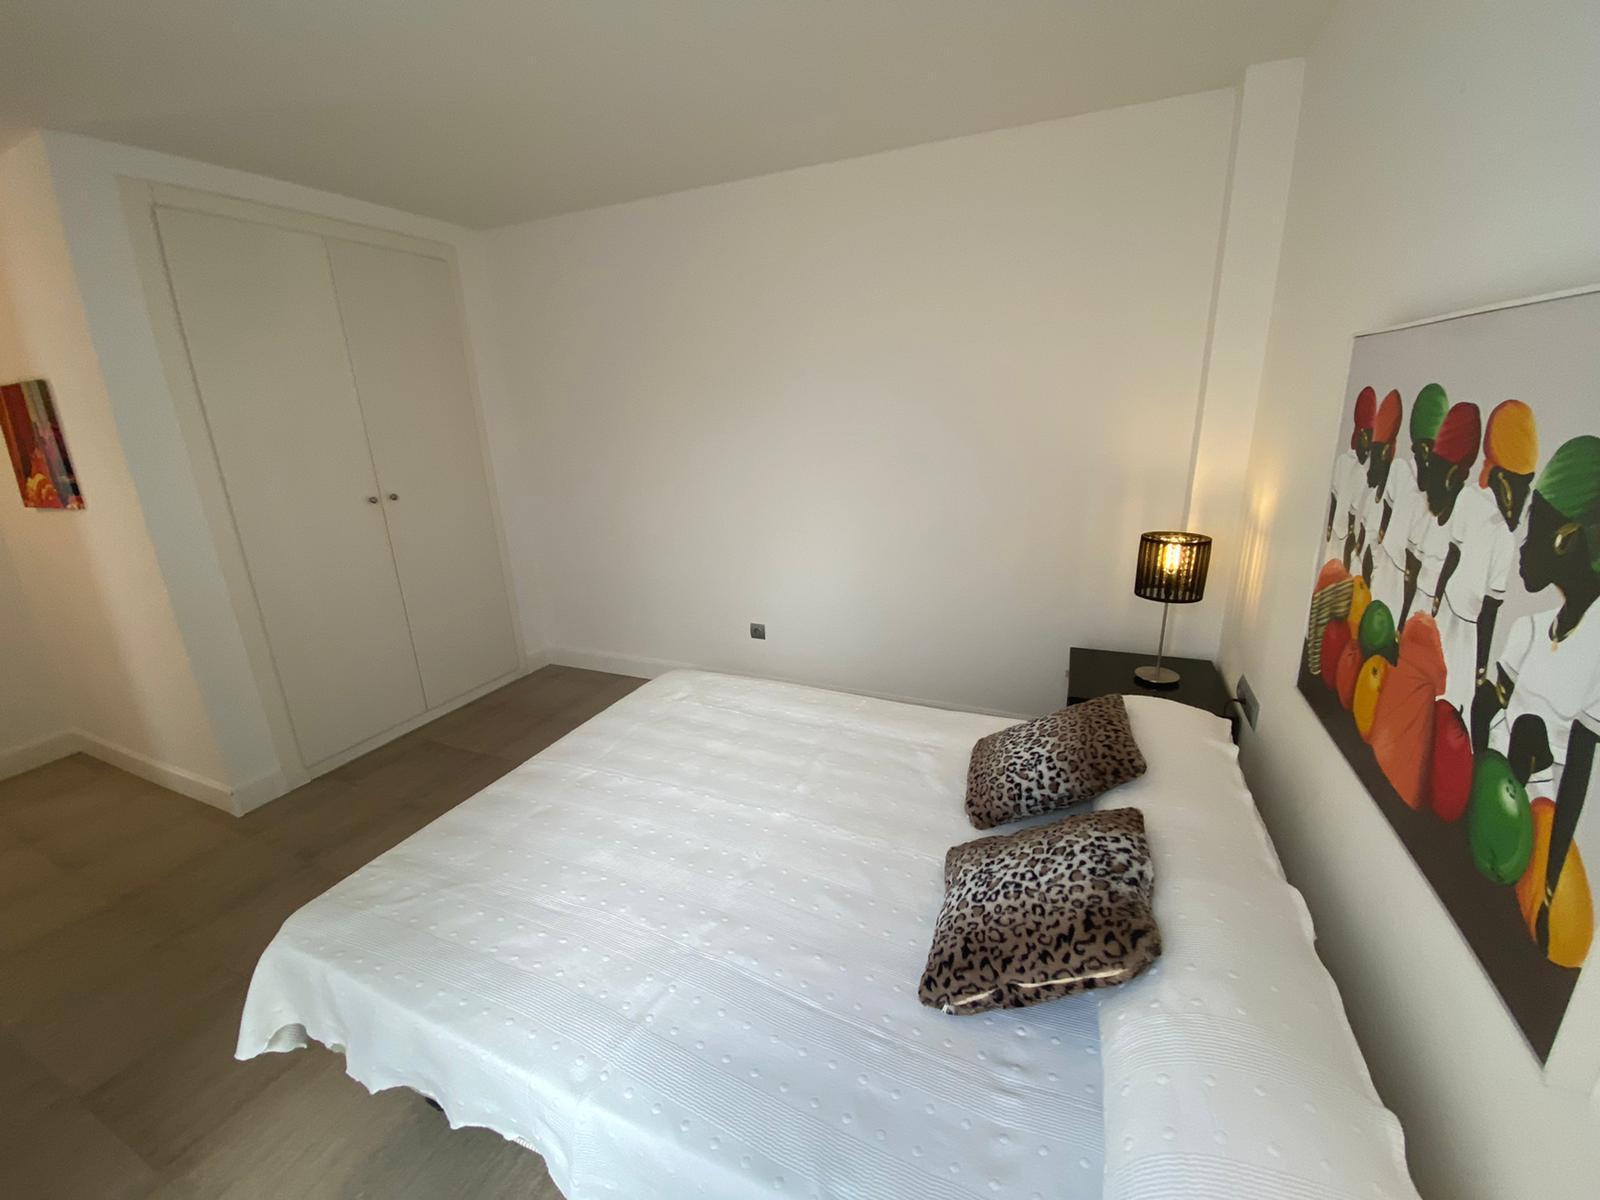 Imagen 10 del Apartamento Turístico, Ático 6 Central (3d+2b), Punta del Moral (HUELVA), Paseo de la Cruz nº22